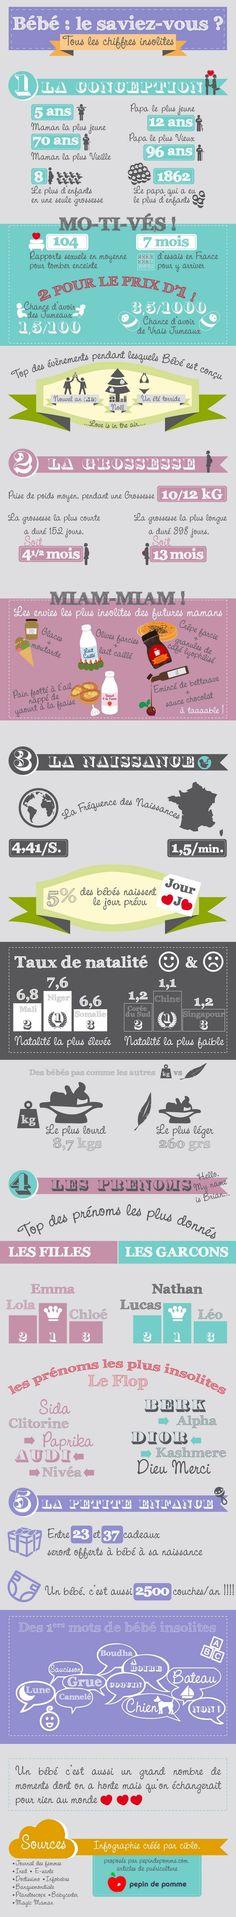 #Infographie : statistiques insolites sur les bébés